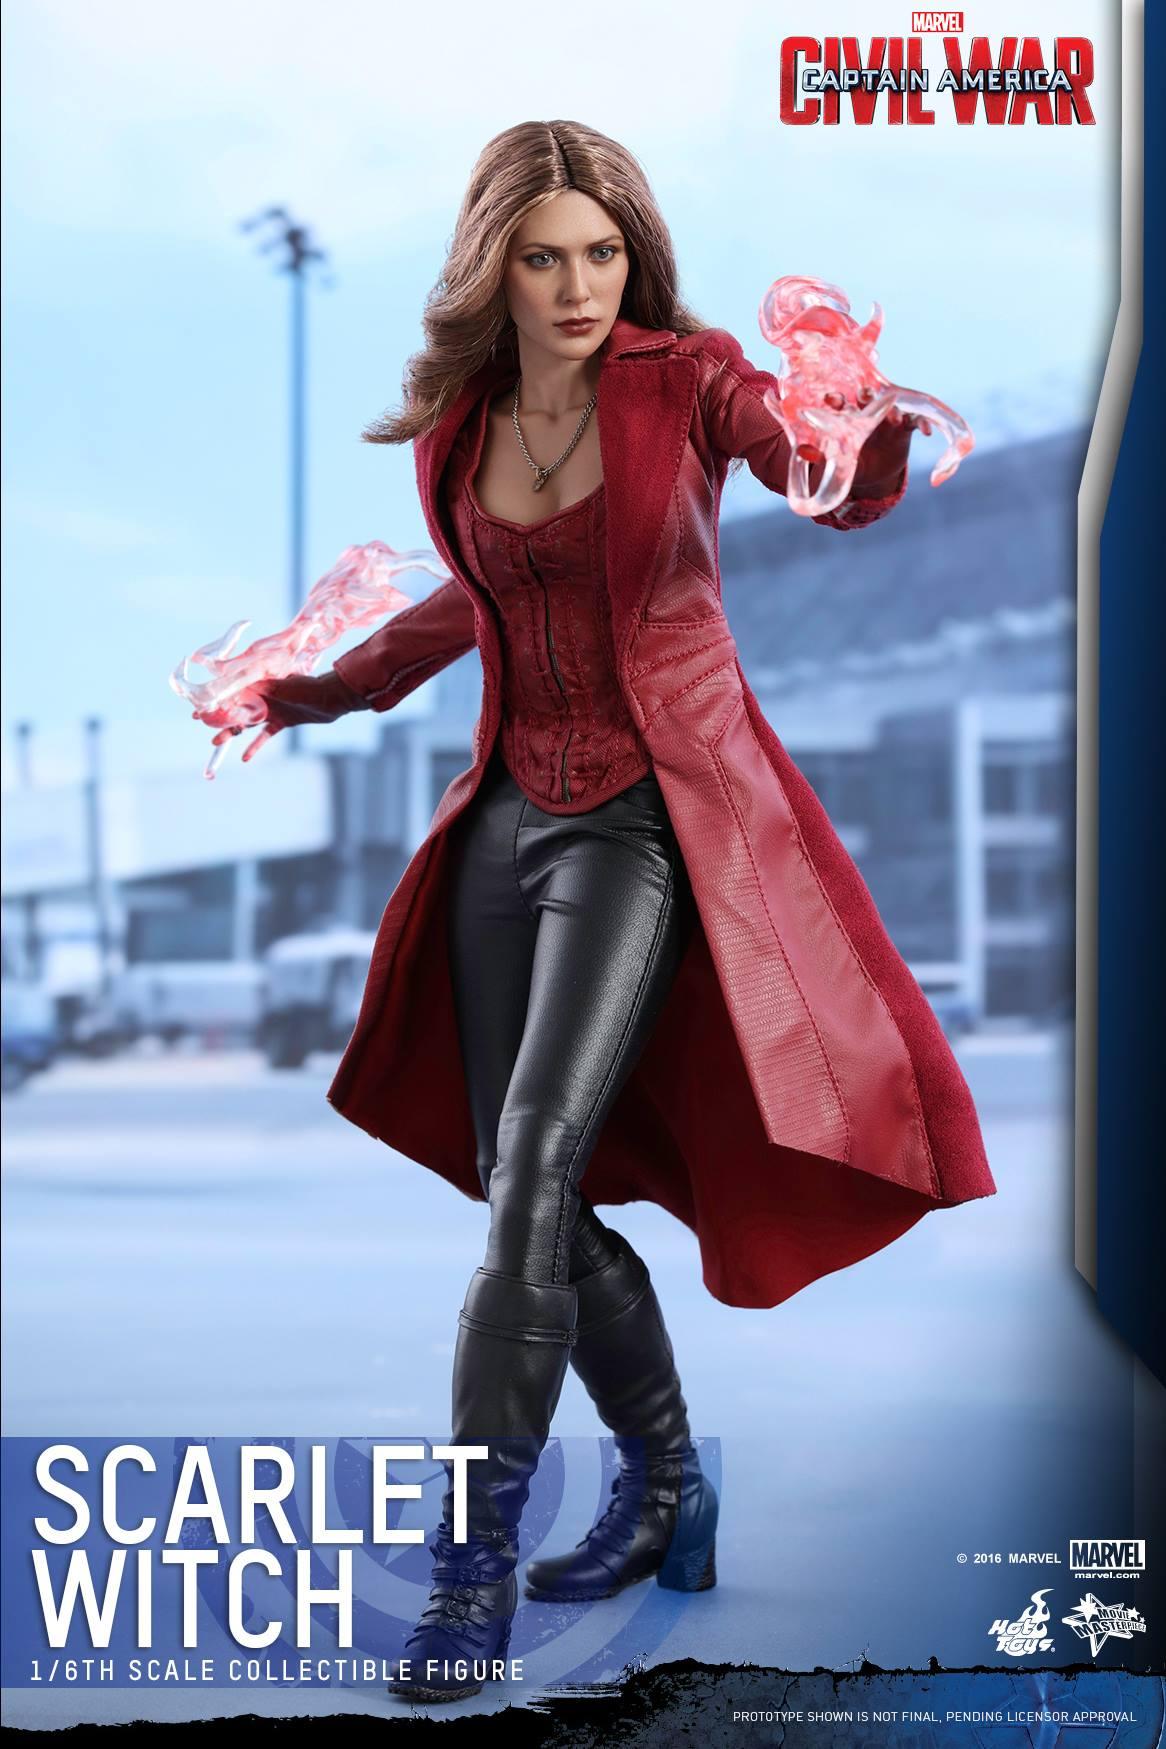 image scarlet witch civil war hot toys 2jpg marvel